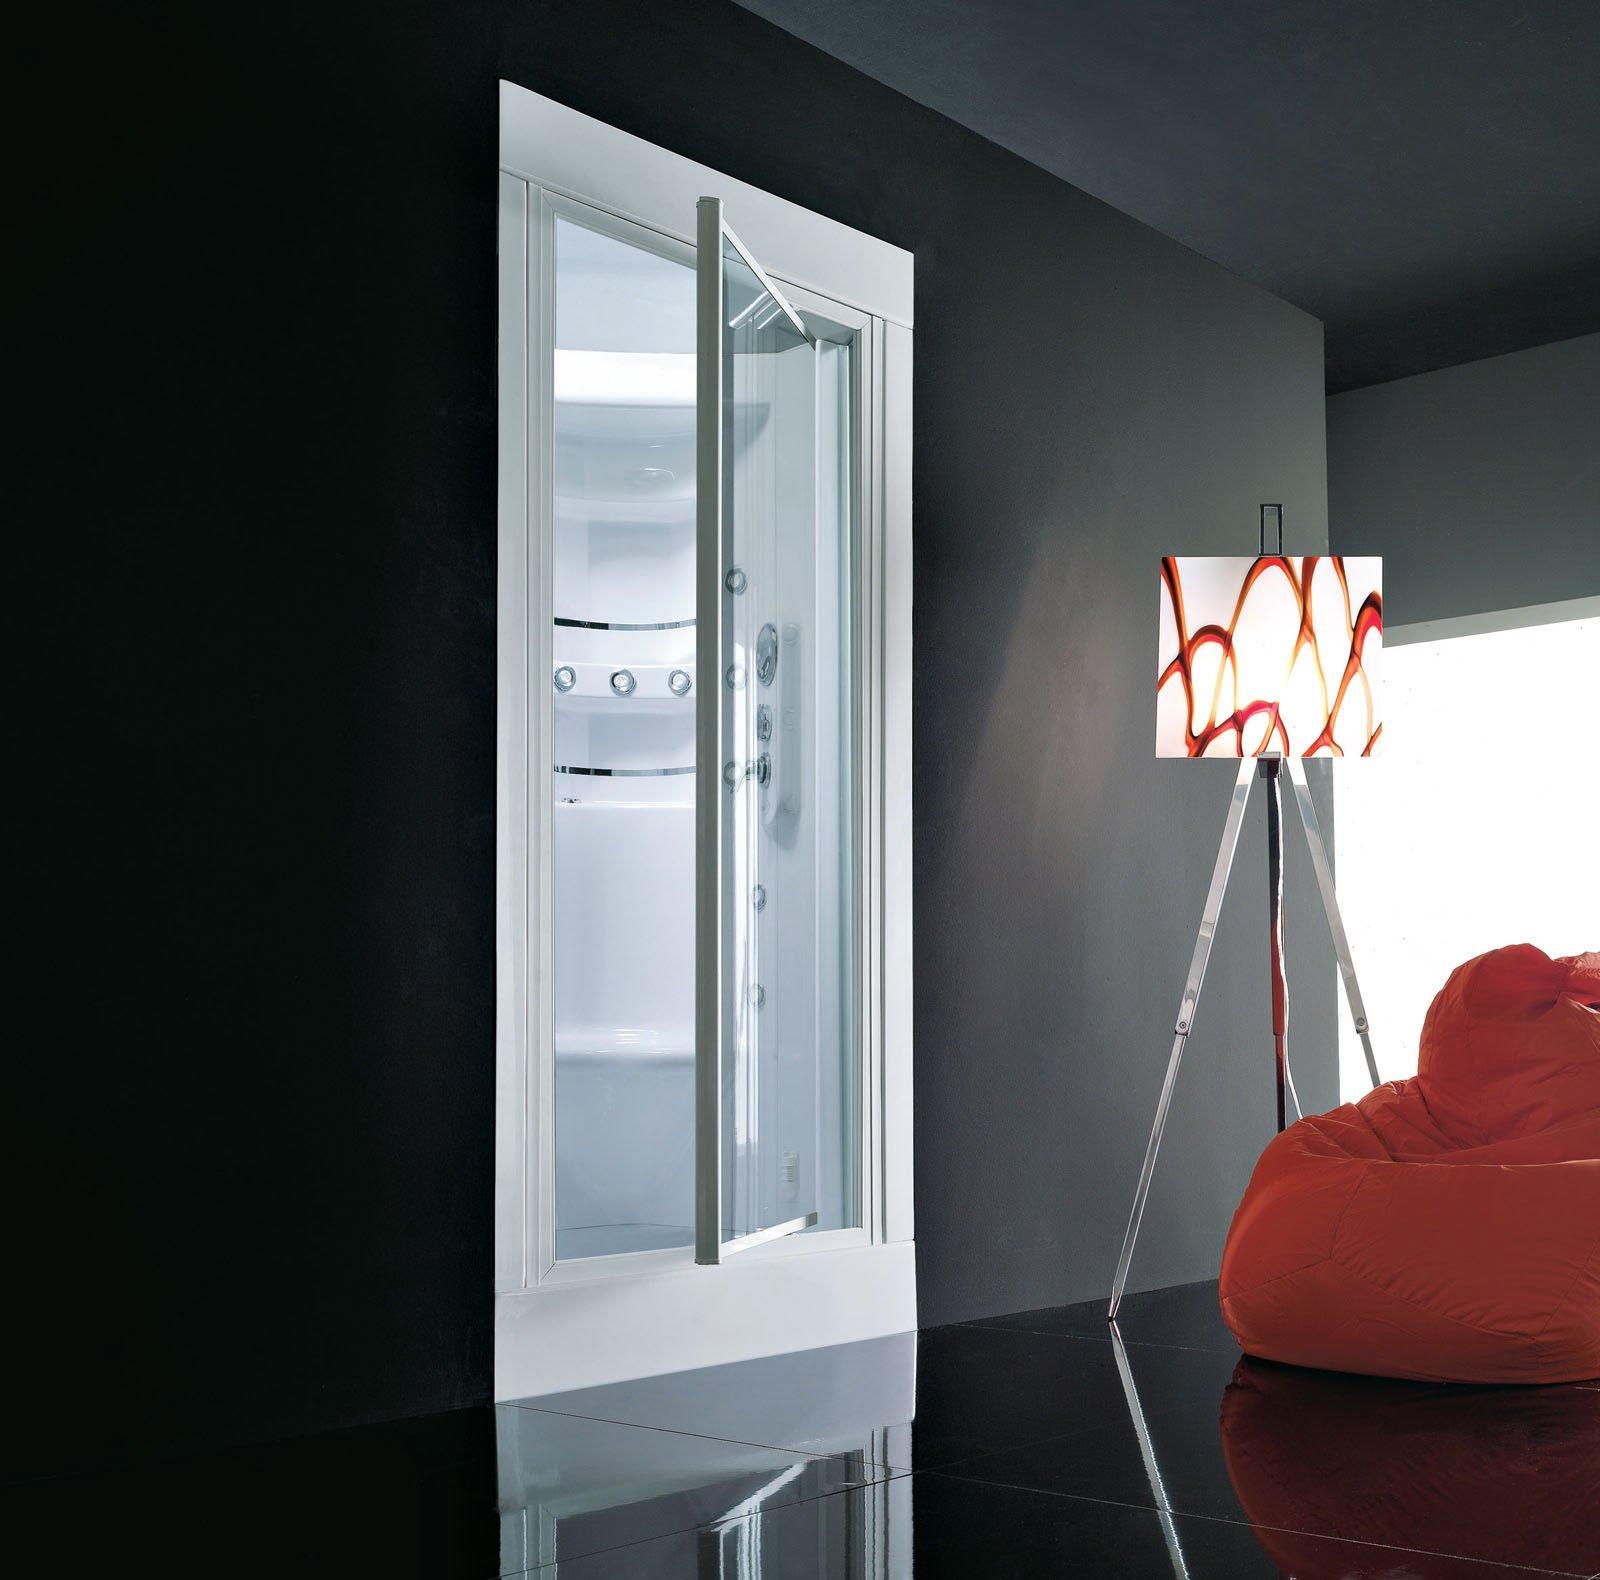 Docce chiusure in vetro per modelli squadrati cose di casa - Box doccia cromoterapia ...